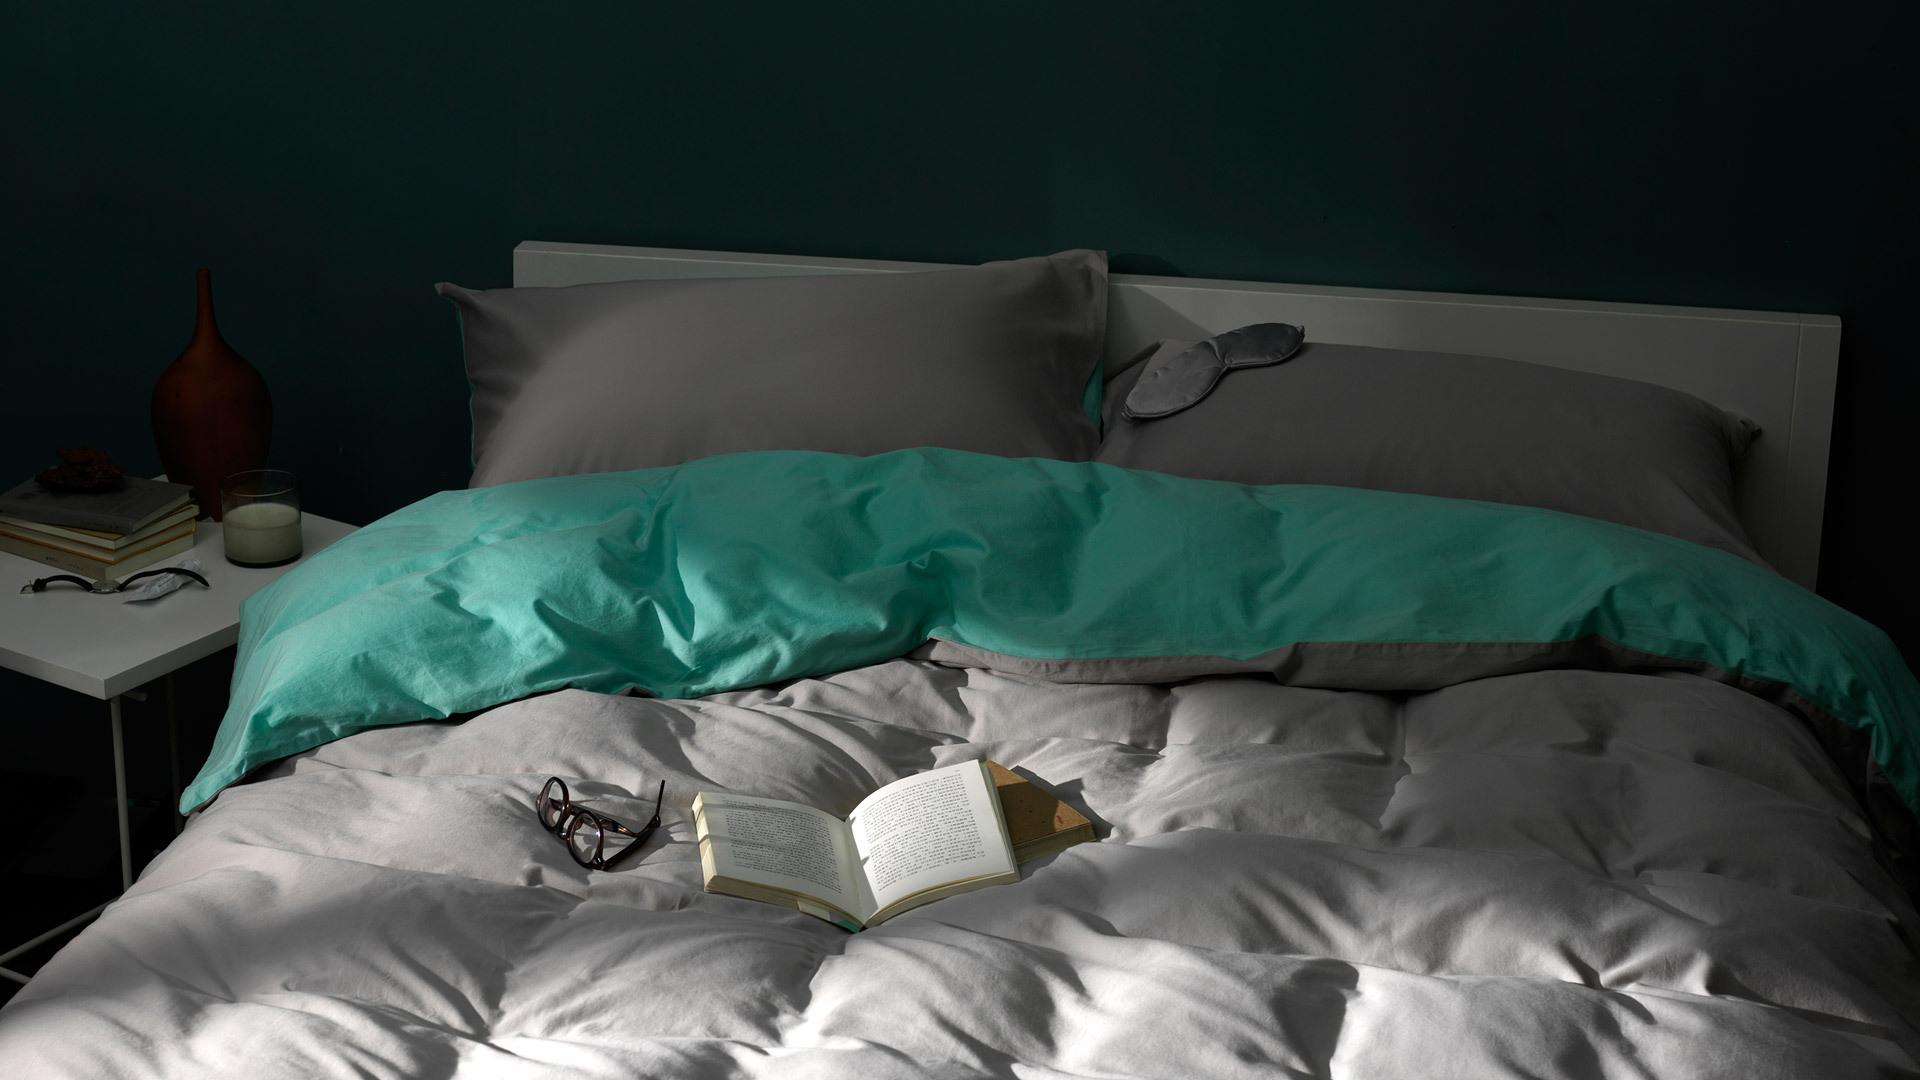 标准尺寸设计,全尺寸1.2米、1.5米、1.8米三种可选,可以和有眠家族其他芯类产品及四件套床品任意搭配使用。